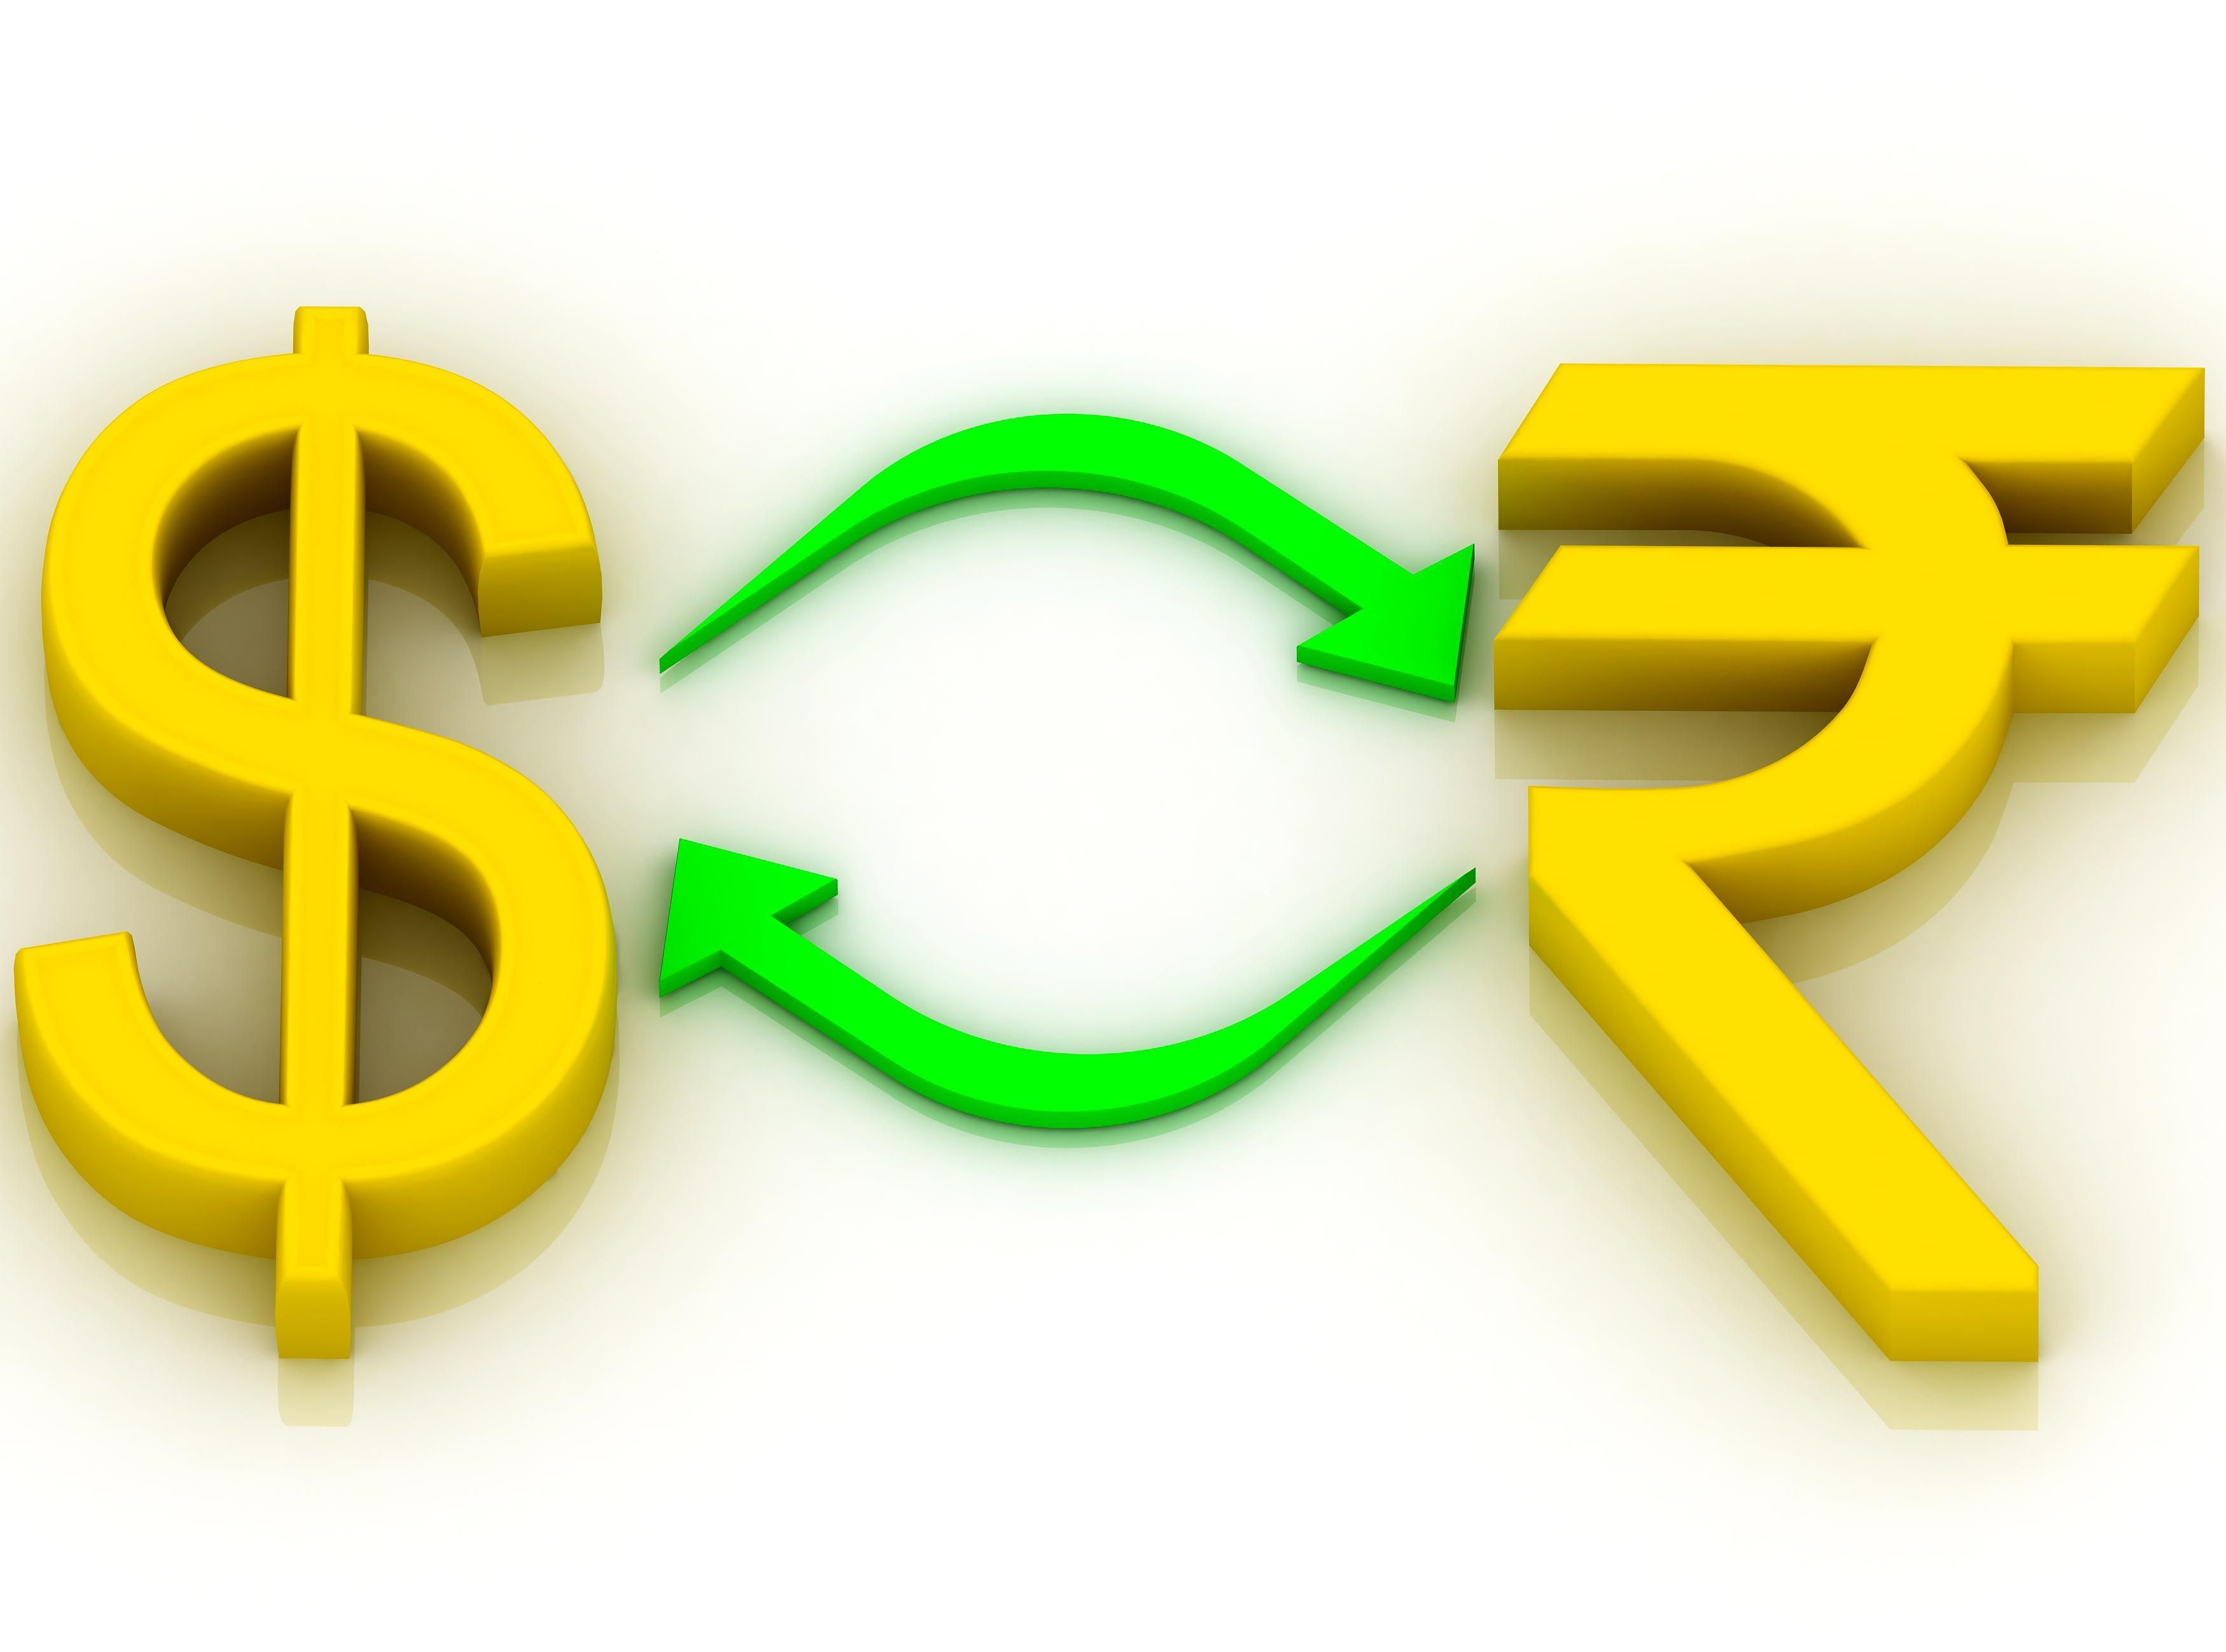 listă de site-uri legale de investiții cum să investești în criptomonedă monero